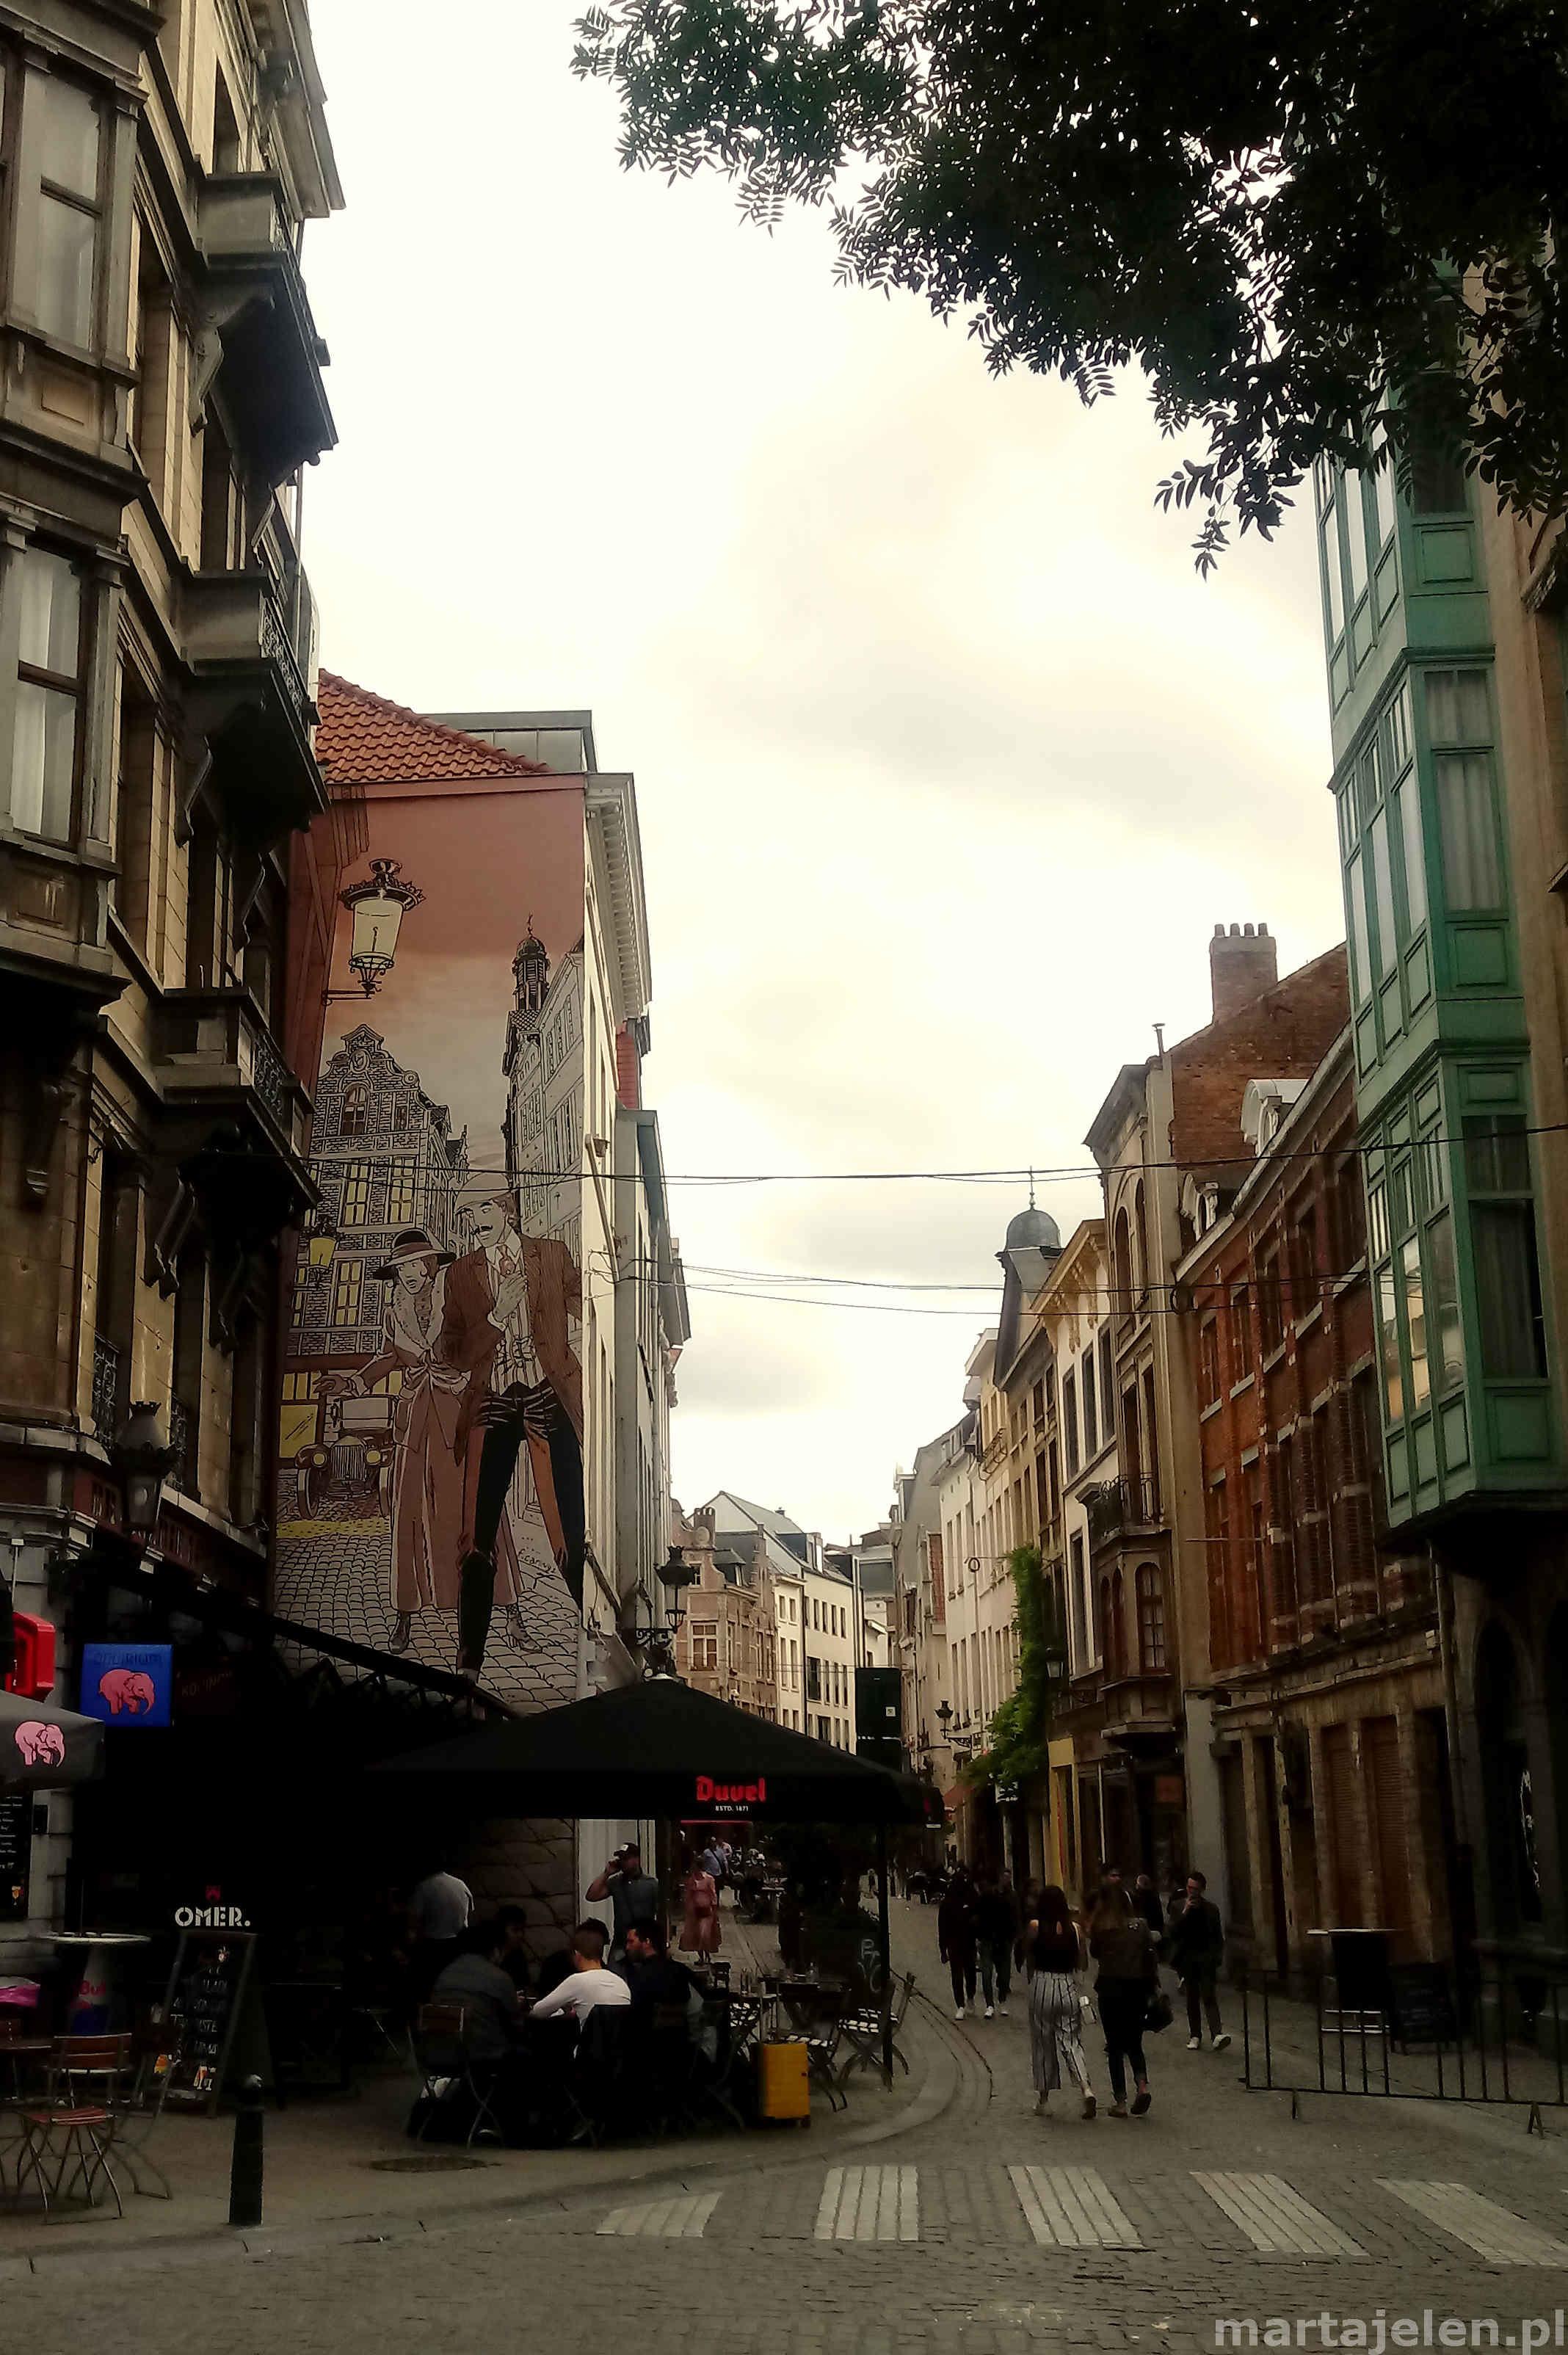 Widok na ulicę Brukseli z kamienicą, na której widnieje komiksowy mural